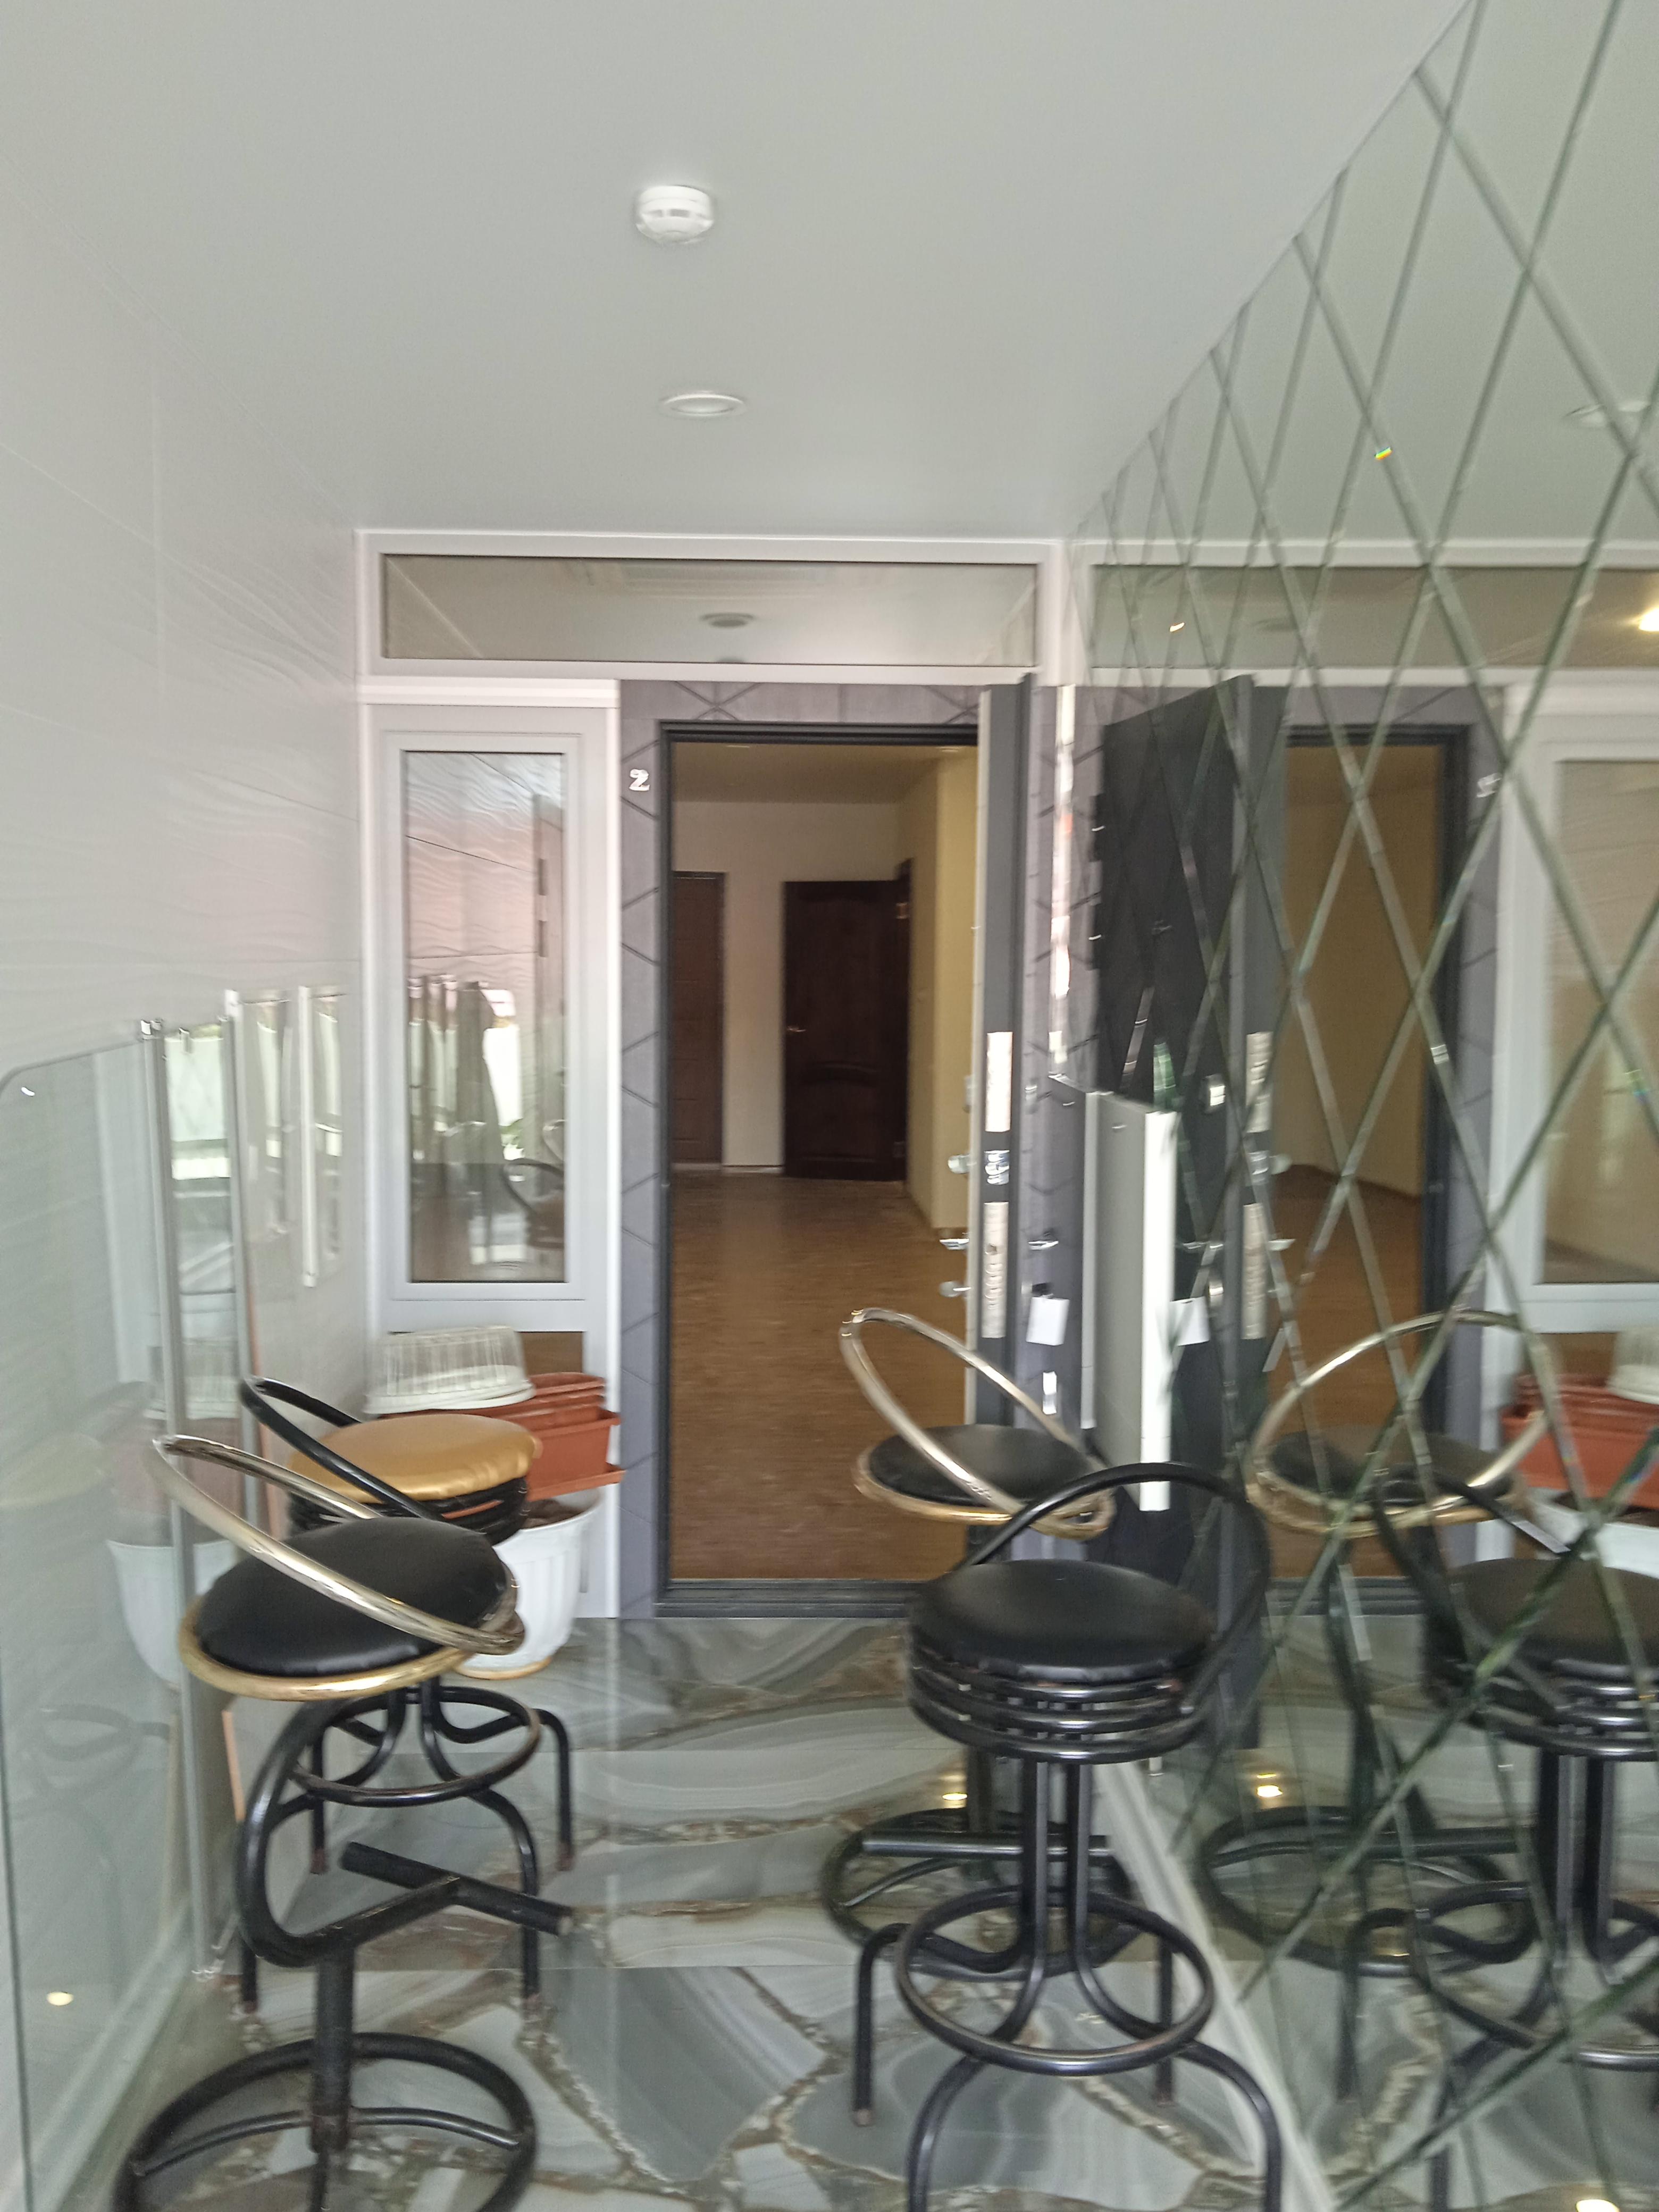 Сдам - Сдам  помещение под офис, салон в центре Сочи -ул.Горького  - цена: 60000